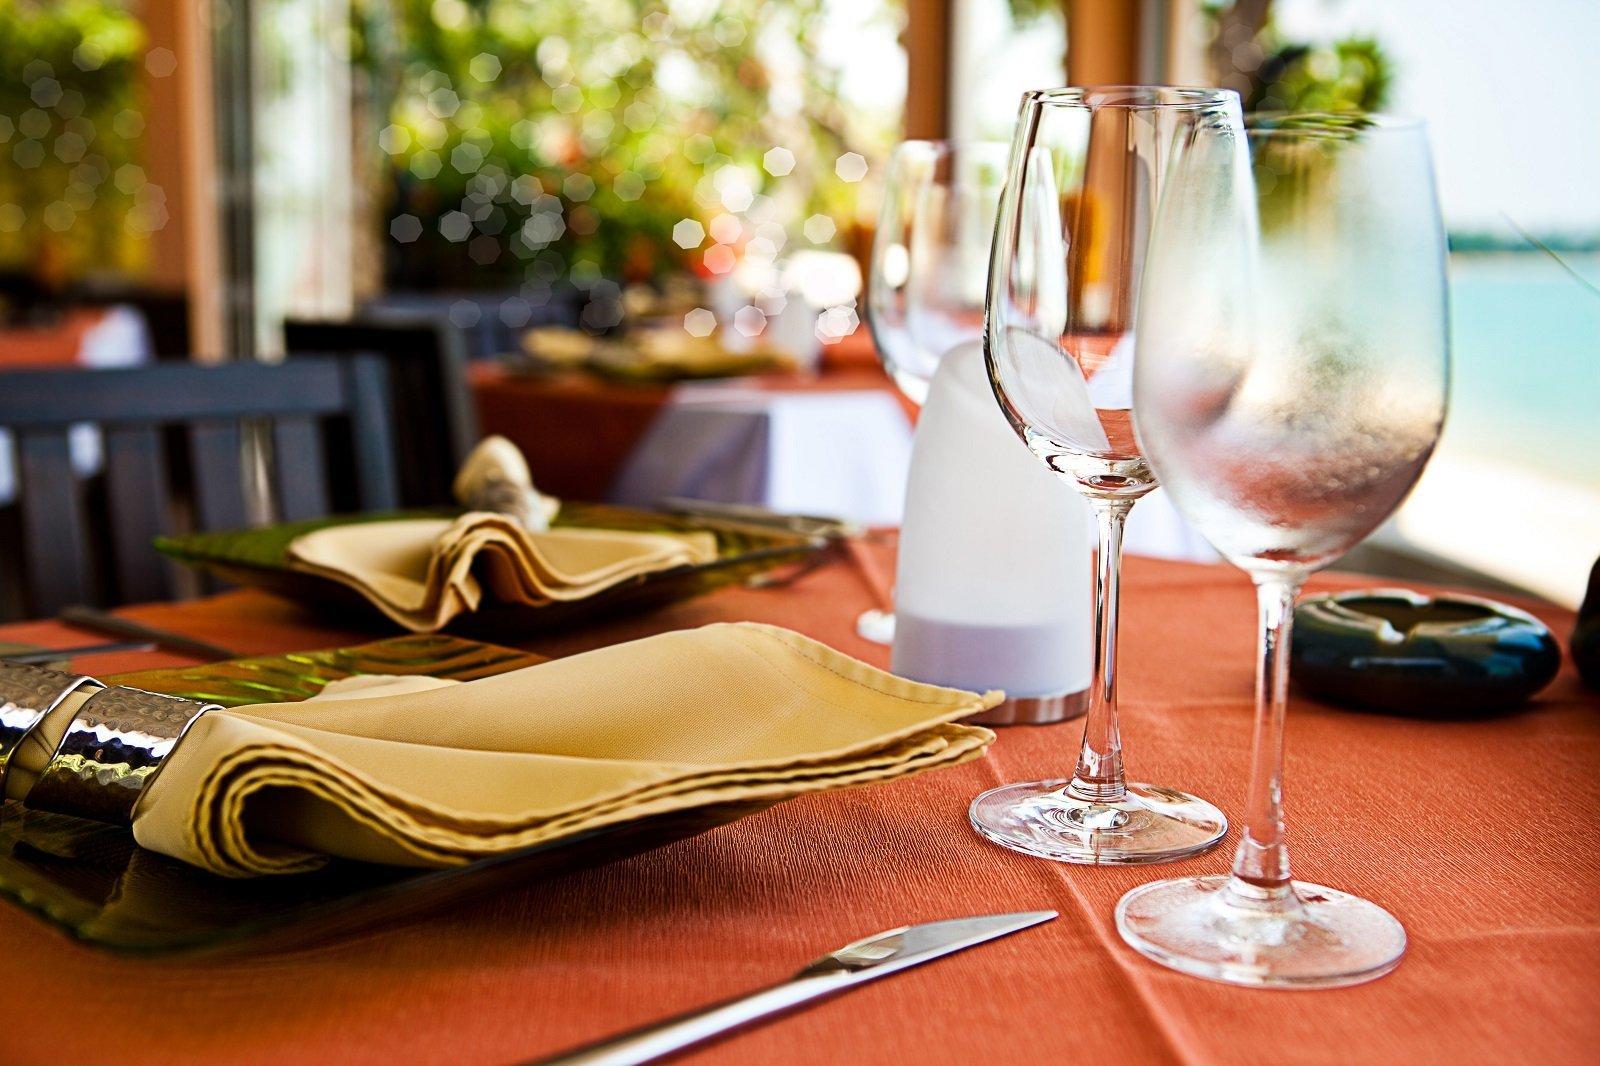 tavolo apparecchiato di un ristorante